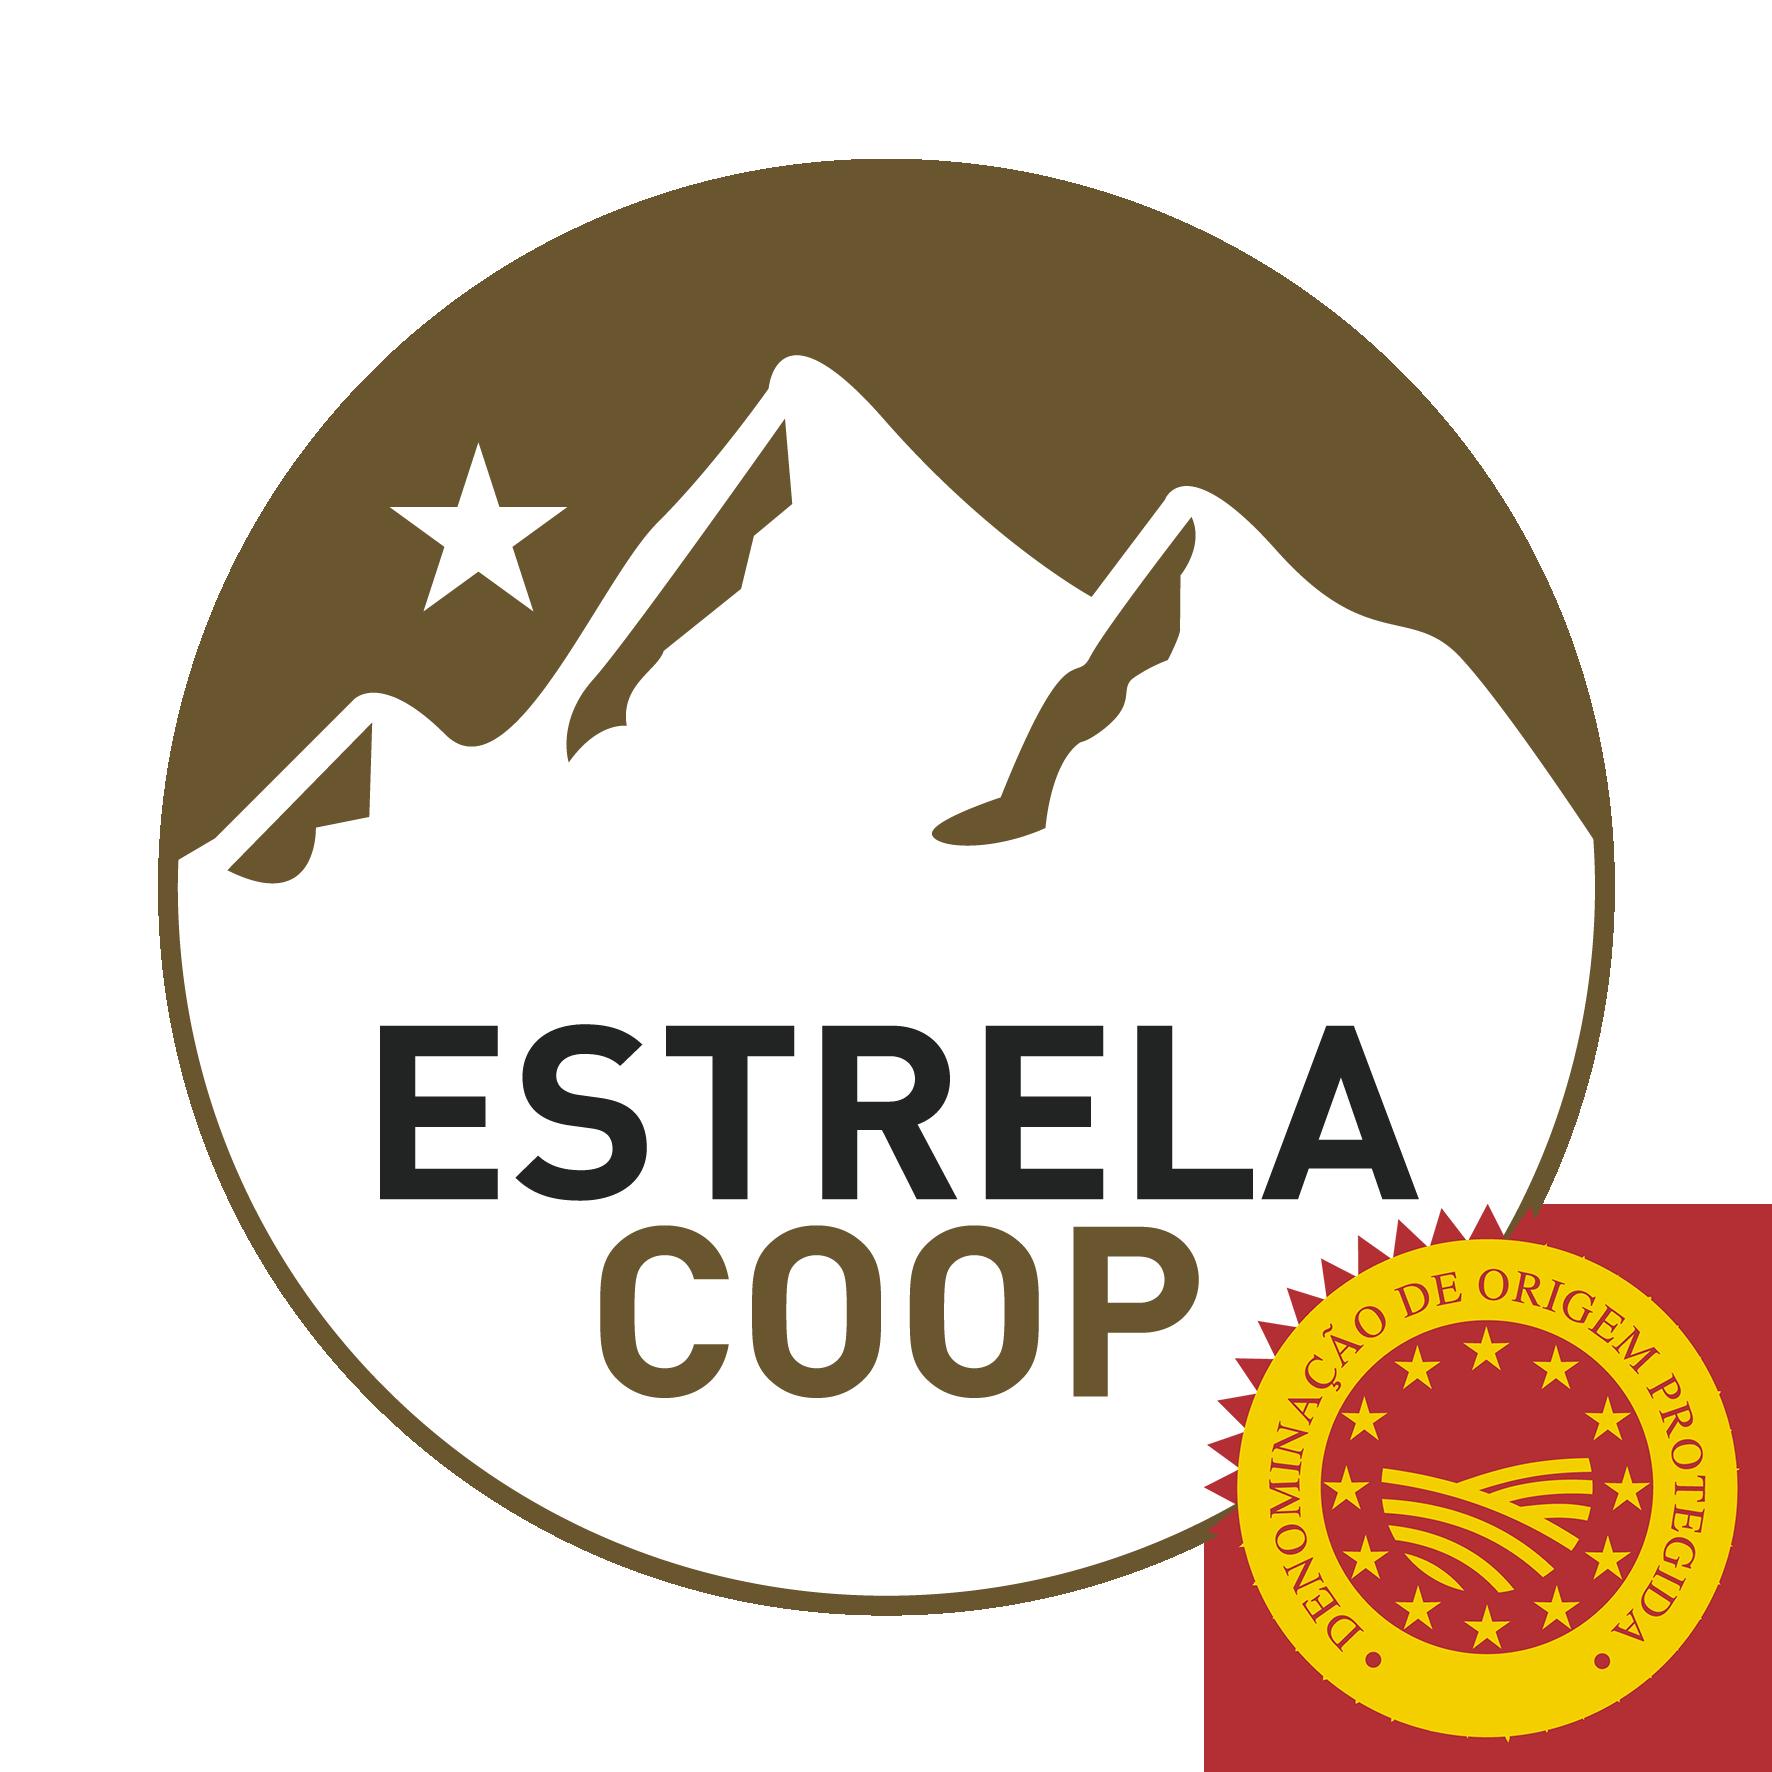 Estrelacoop